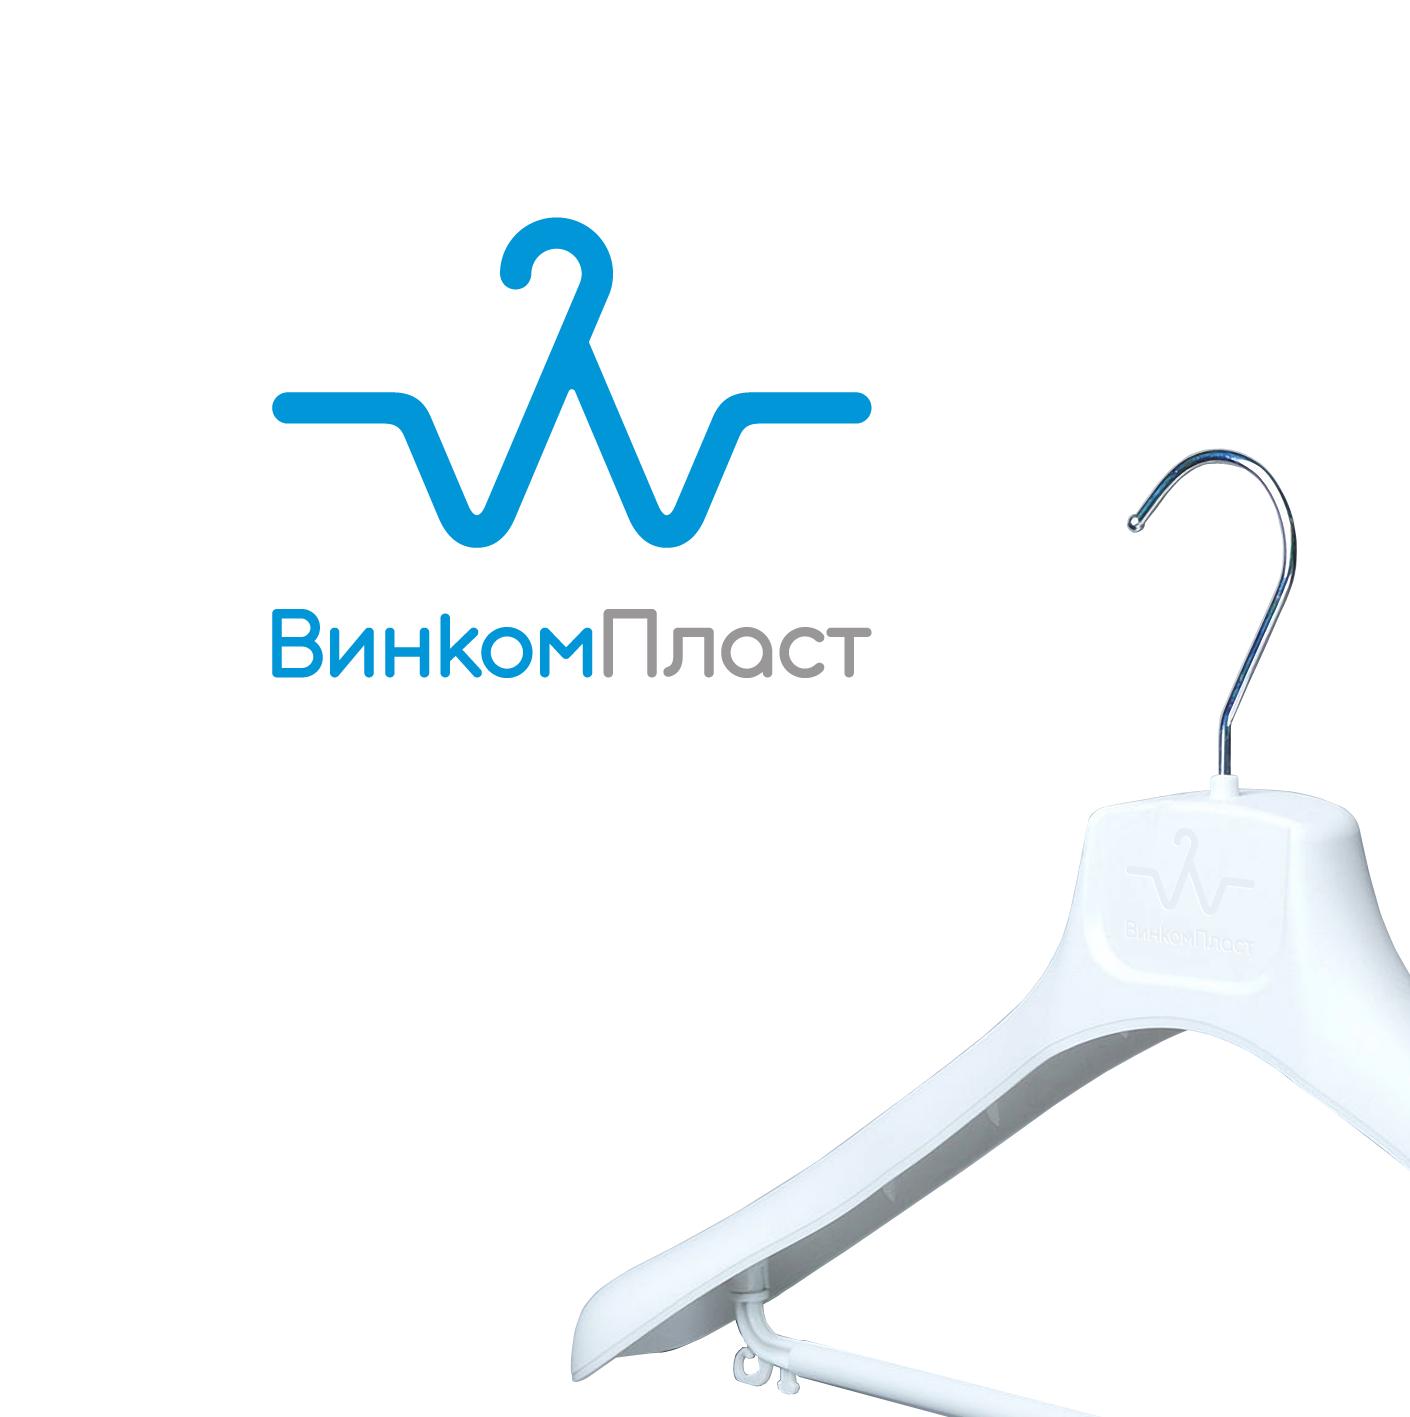 Логотип, фавикон и визитка для компании Винком Пласт  фото f_1615c38c7e6e76b4.png